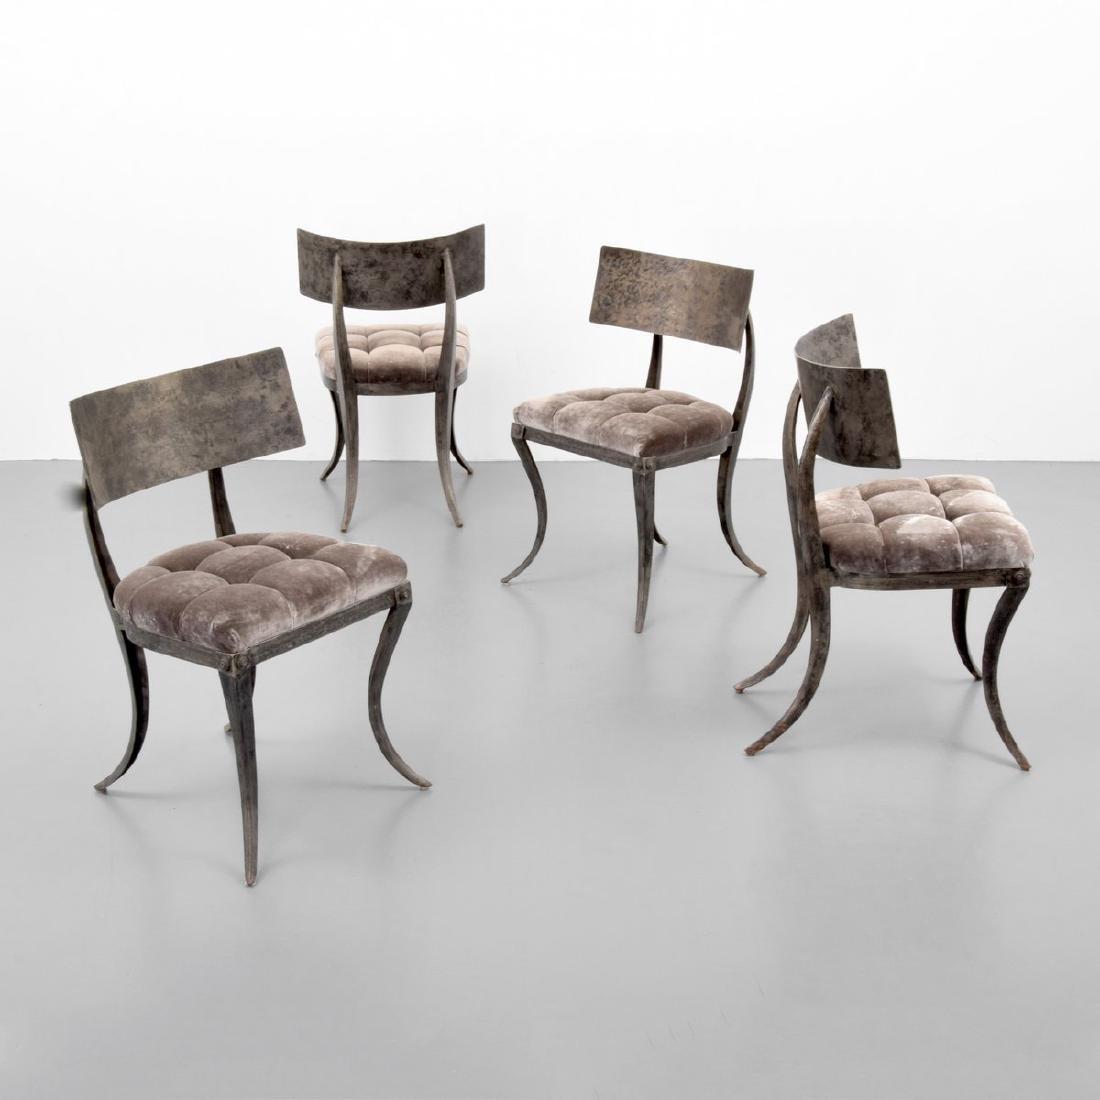 4 Klismos Chairs, Manner of T.H. Robsjohn-Gibbings